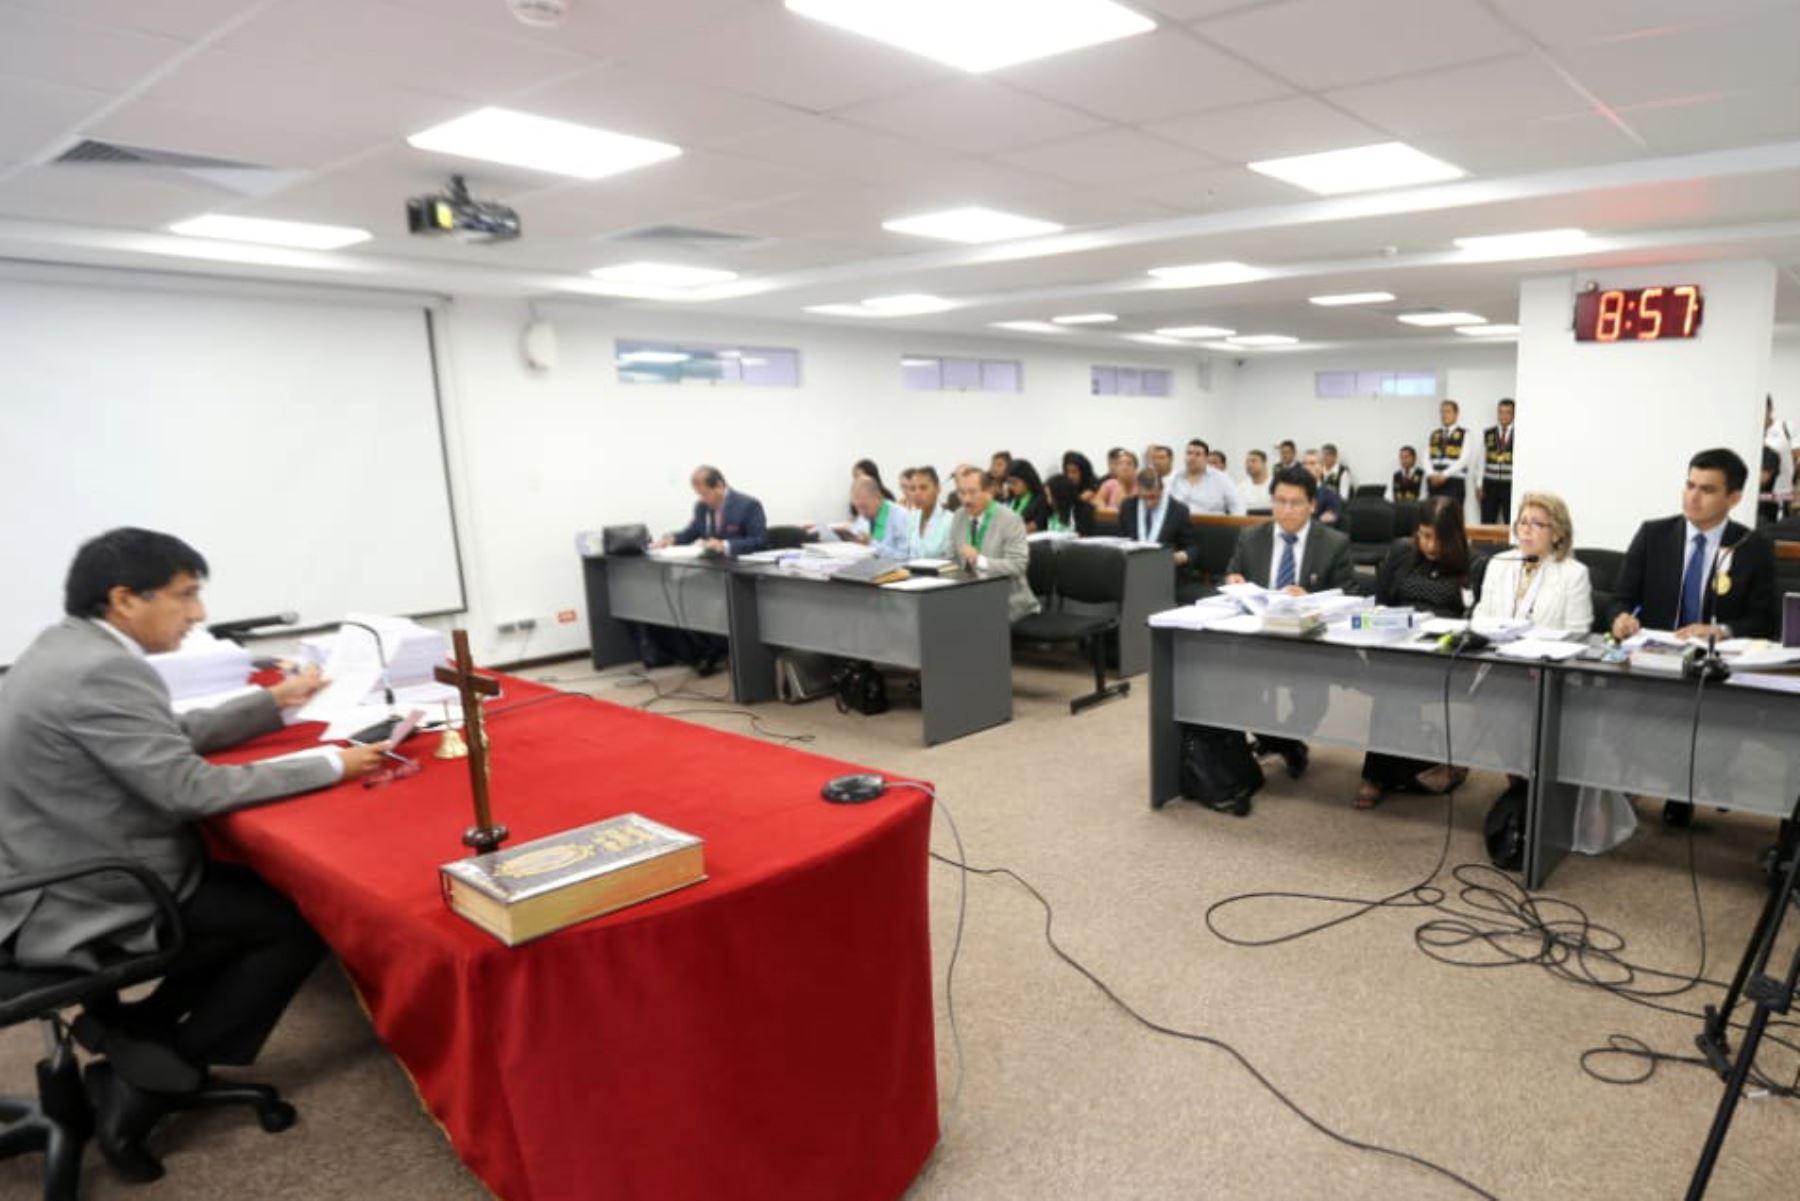 El Juez Concepción Carhuancho preside la audiencia de pedido de prisión preventiva contra el  exalcalde del Callao Juan Sotomayor y el excongresista Víctor Albrecht. Foto: ANDINA/Difusión